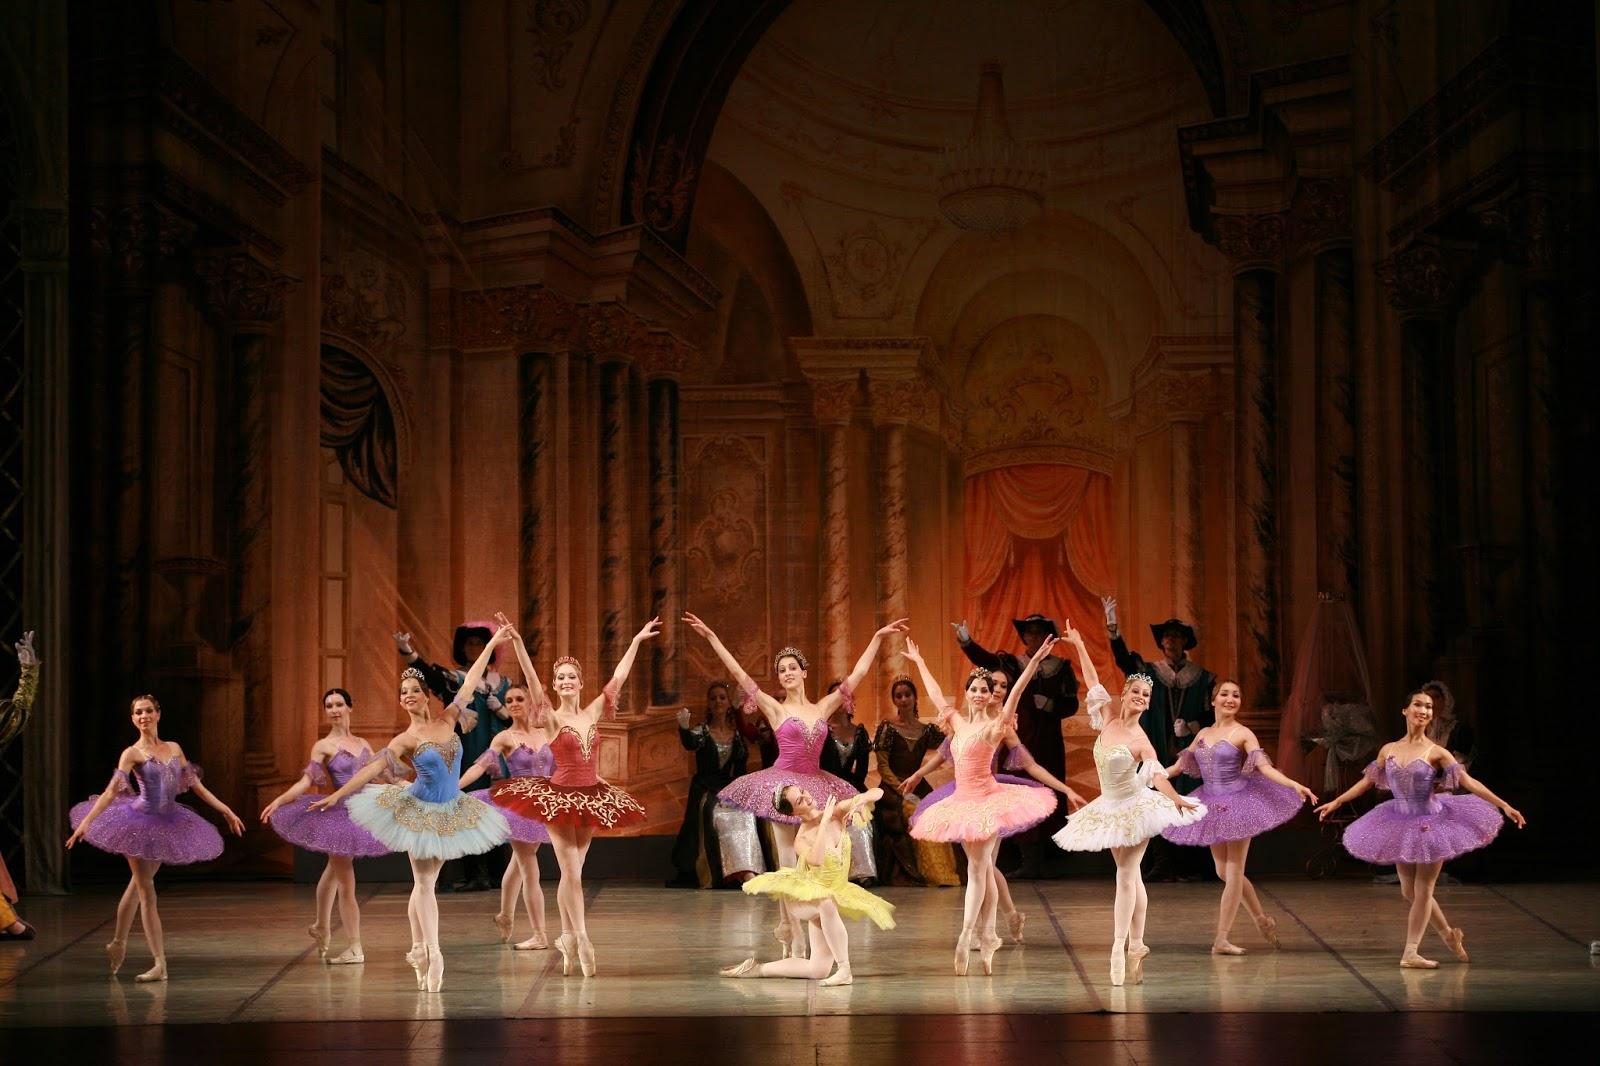 El Teatro de Valdepeñas recibe este sábado al Russian National Ballet con 'La Bella Durmiente'